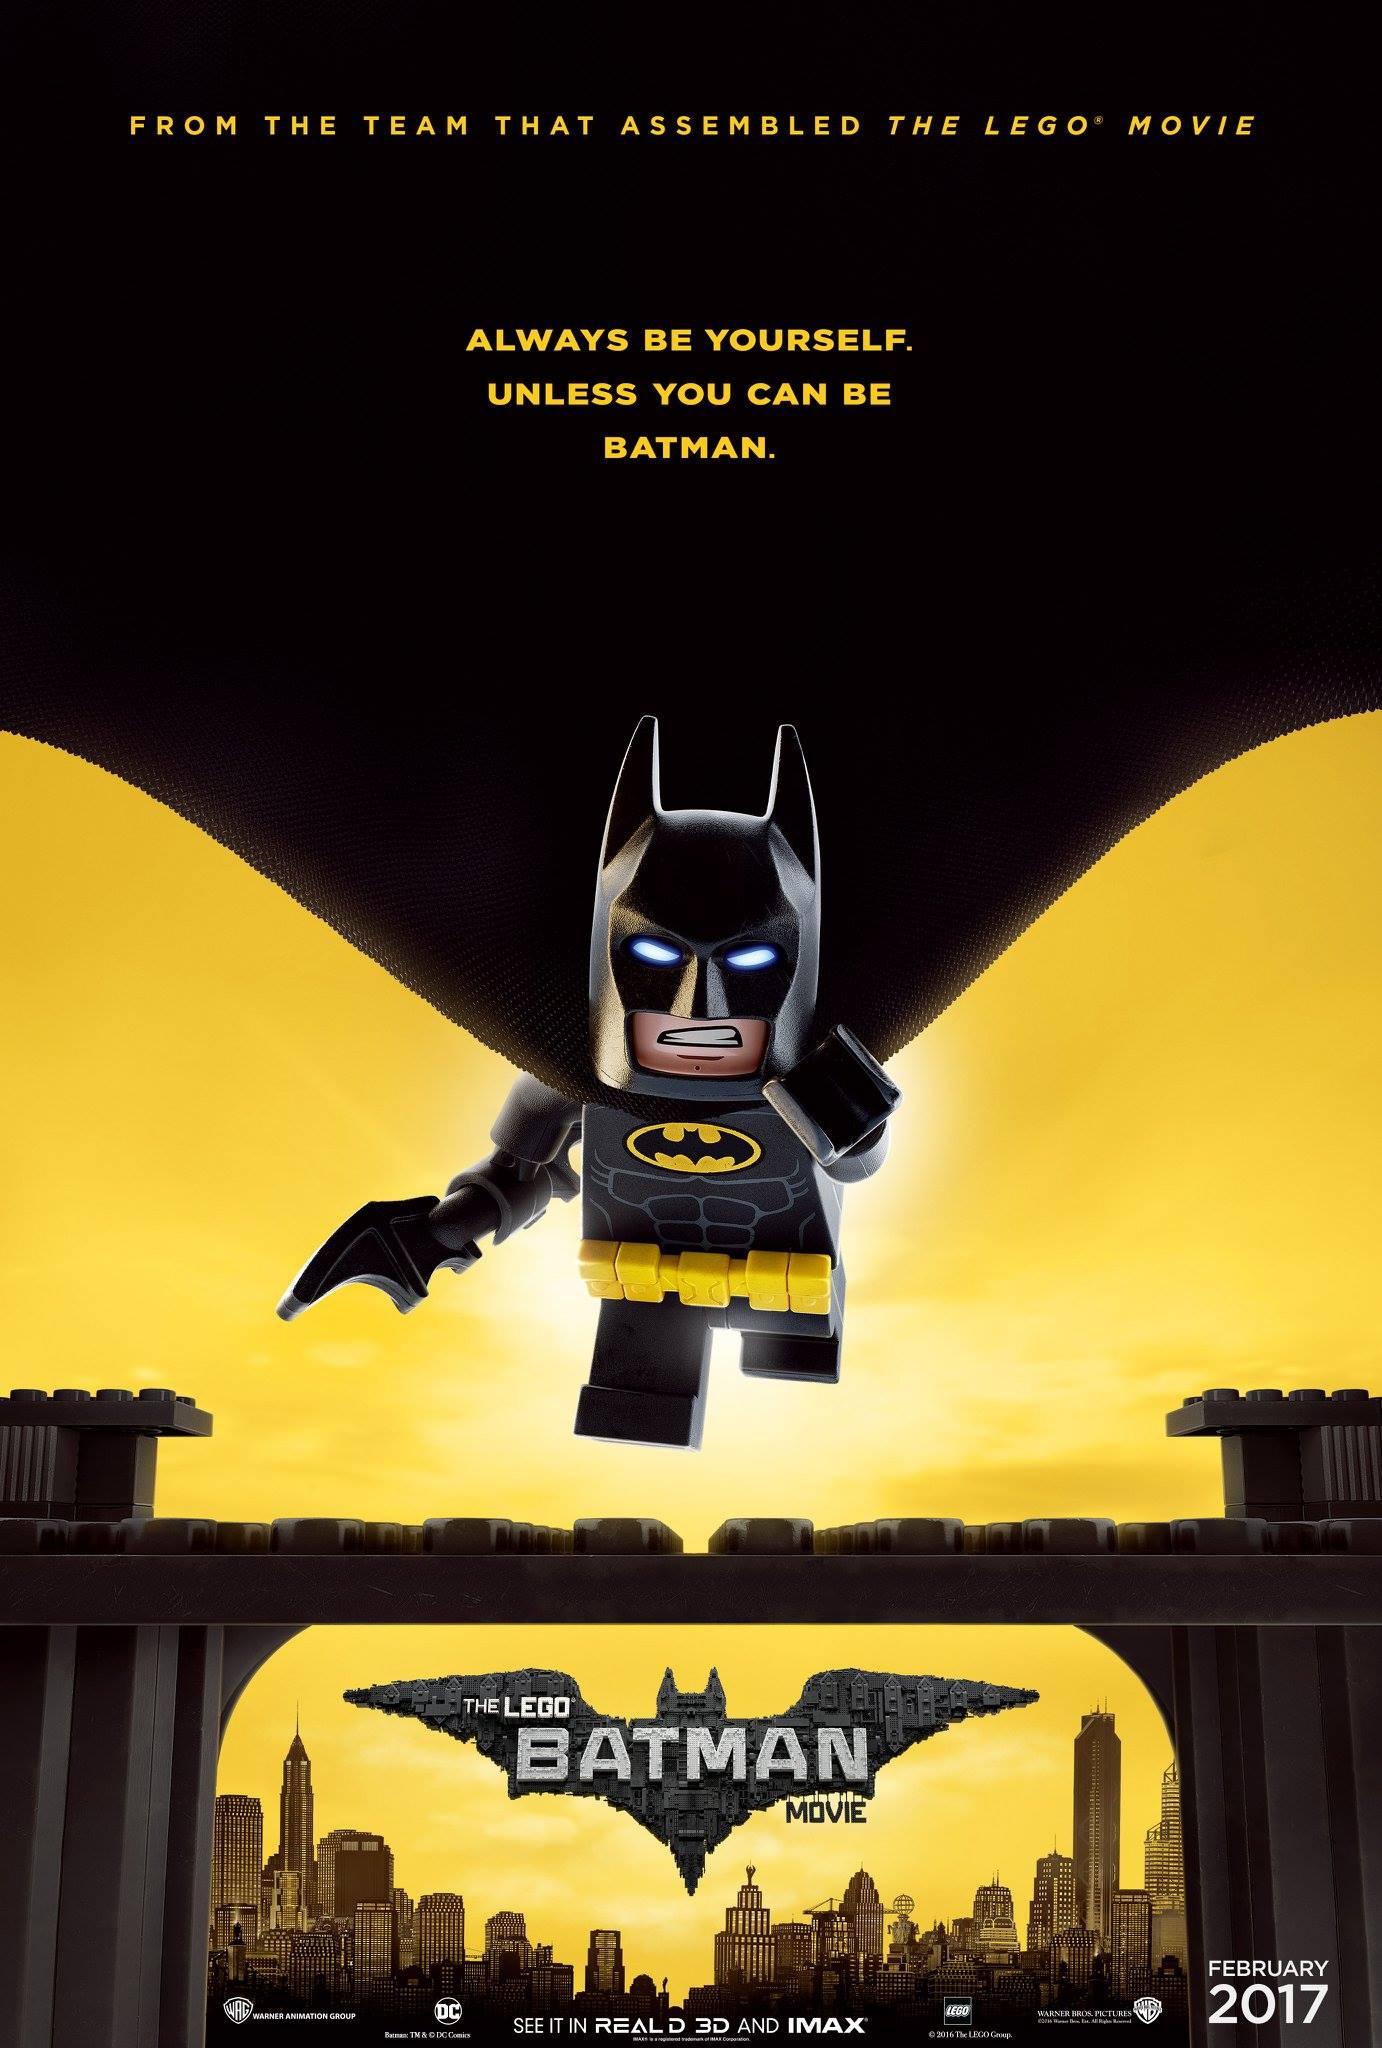 New Trailer To The LEGO Batman Movie - blackfilm.com/read ...